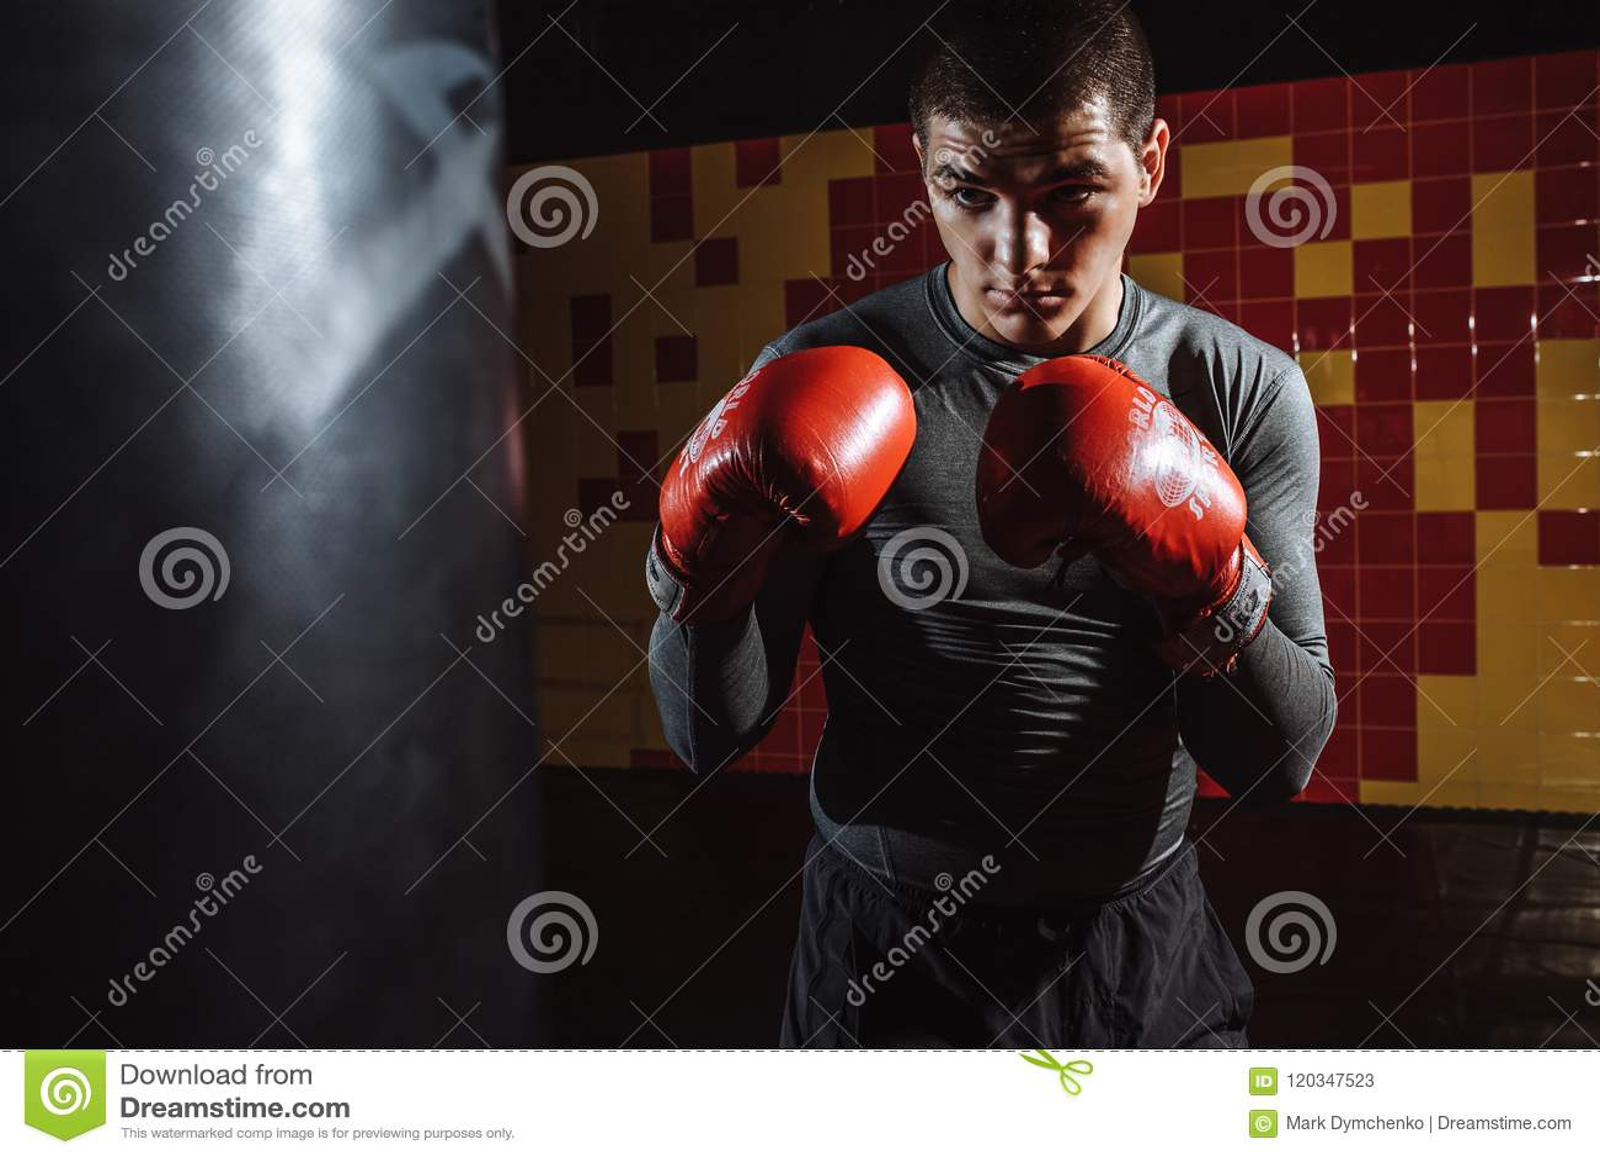 Ståenden av en boxare i idrottshallen, en man ser aggressiv